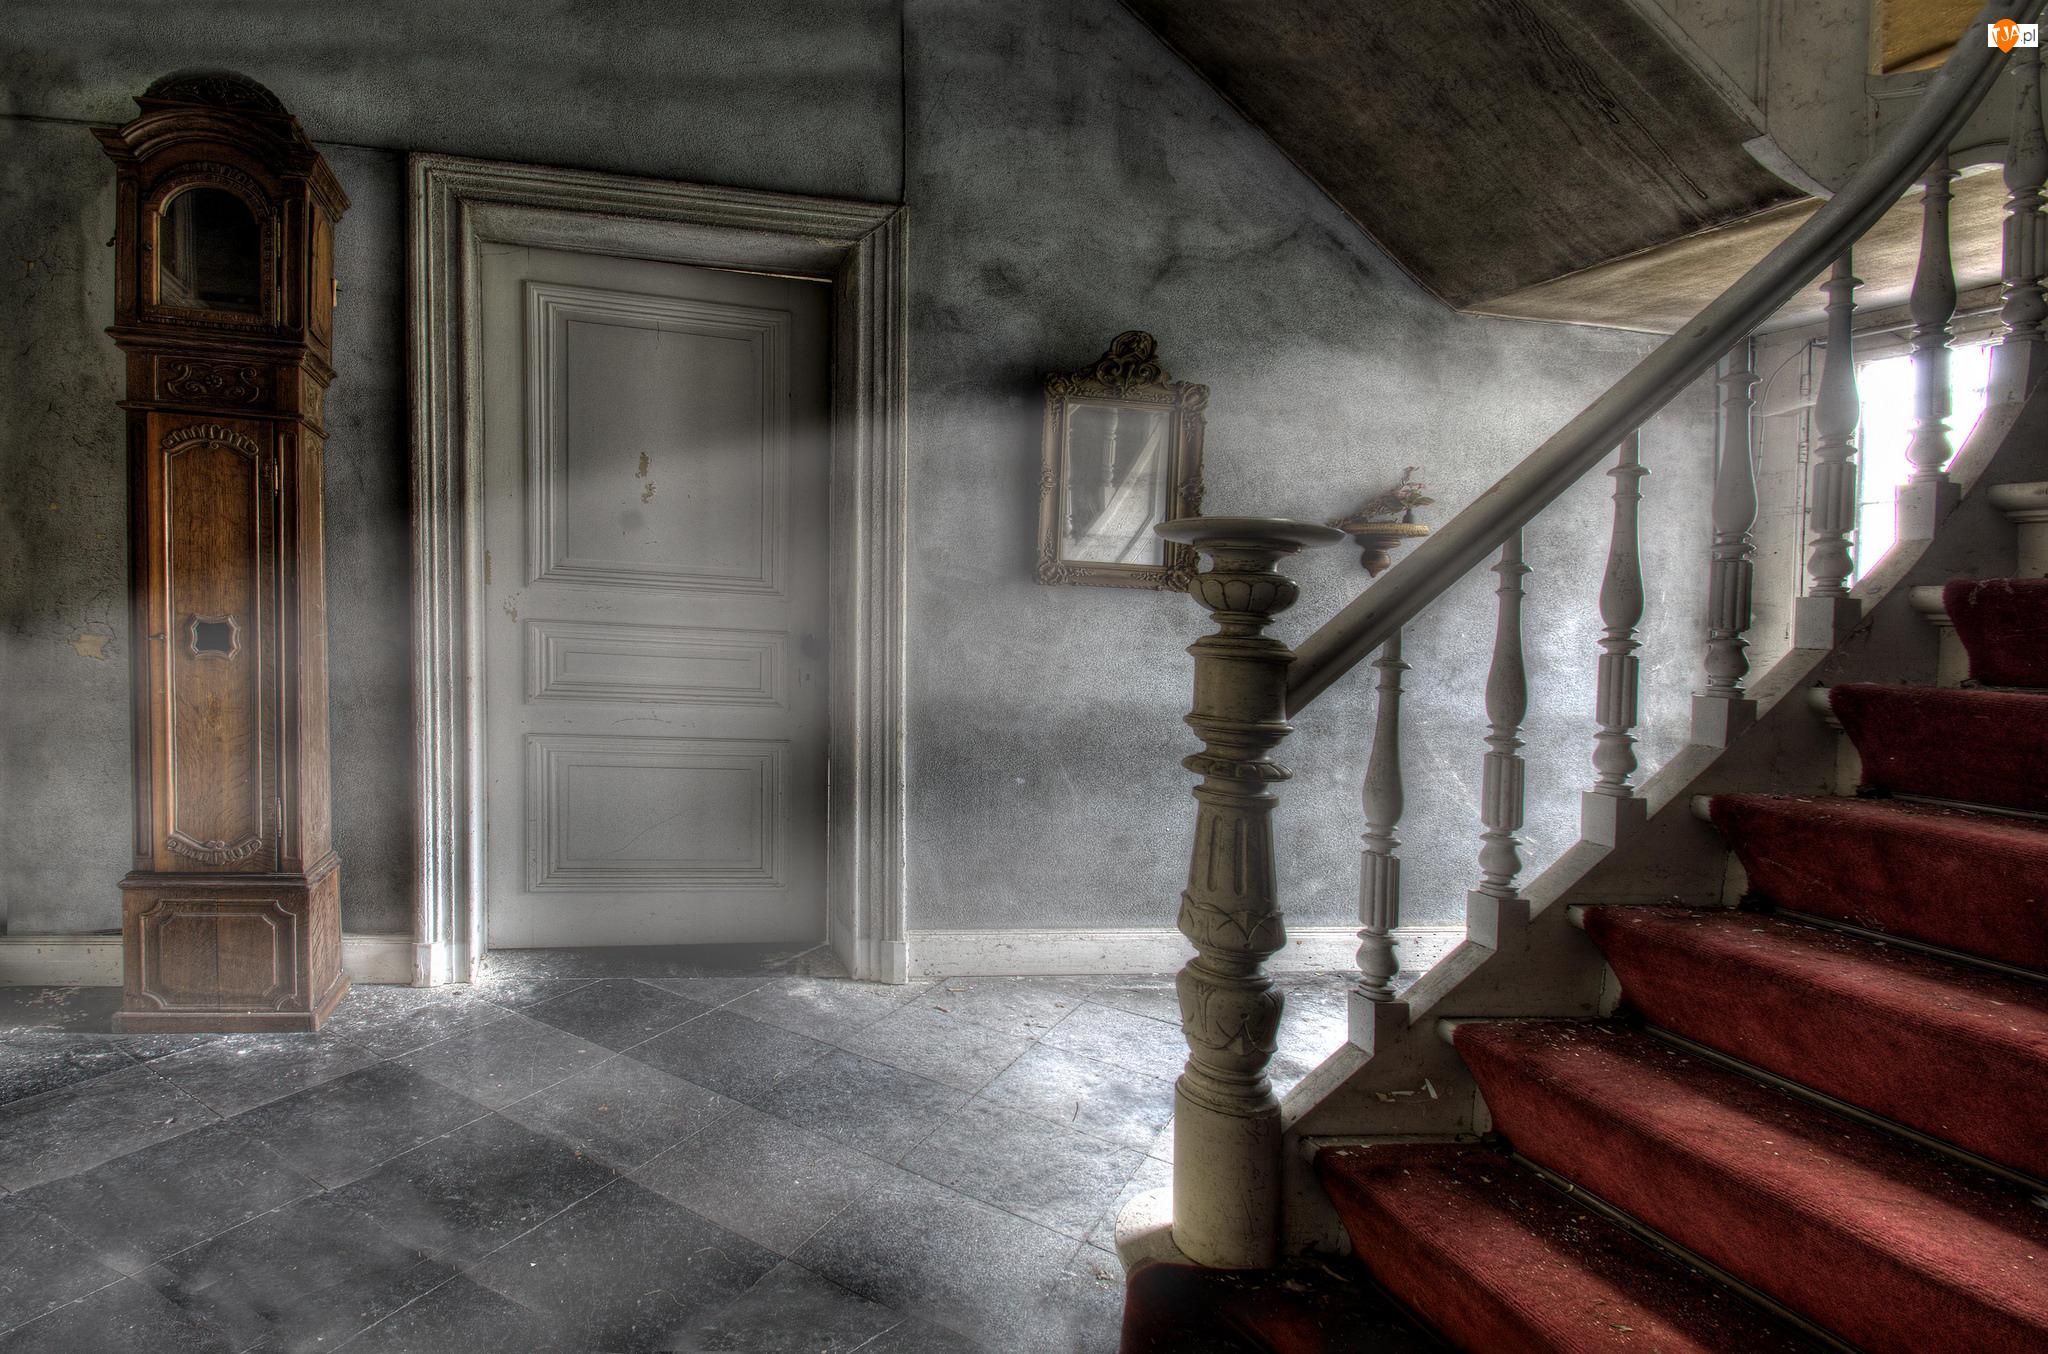 Drzwi, Zaniedbany, Schody, Korytarz, Zegar